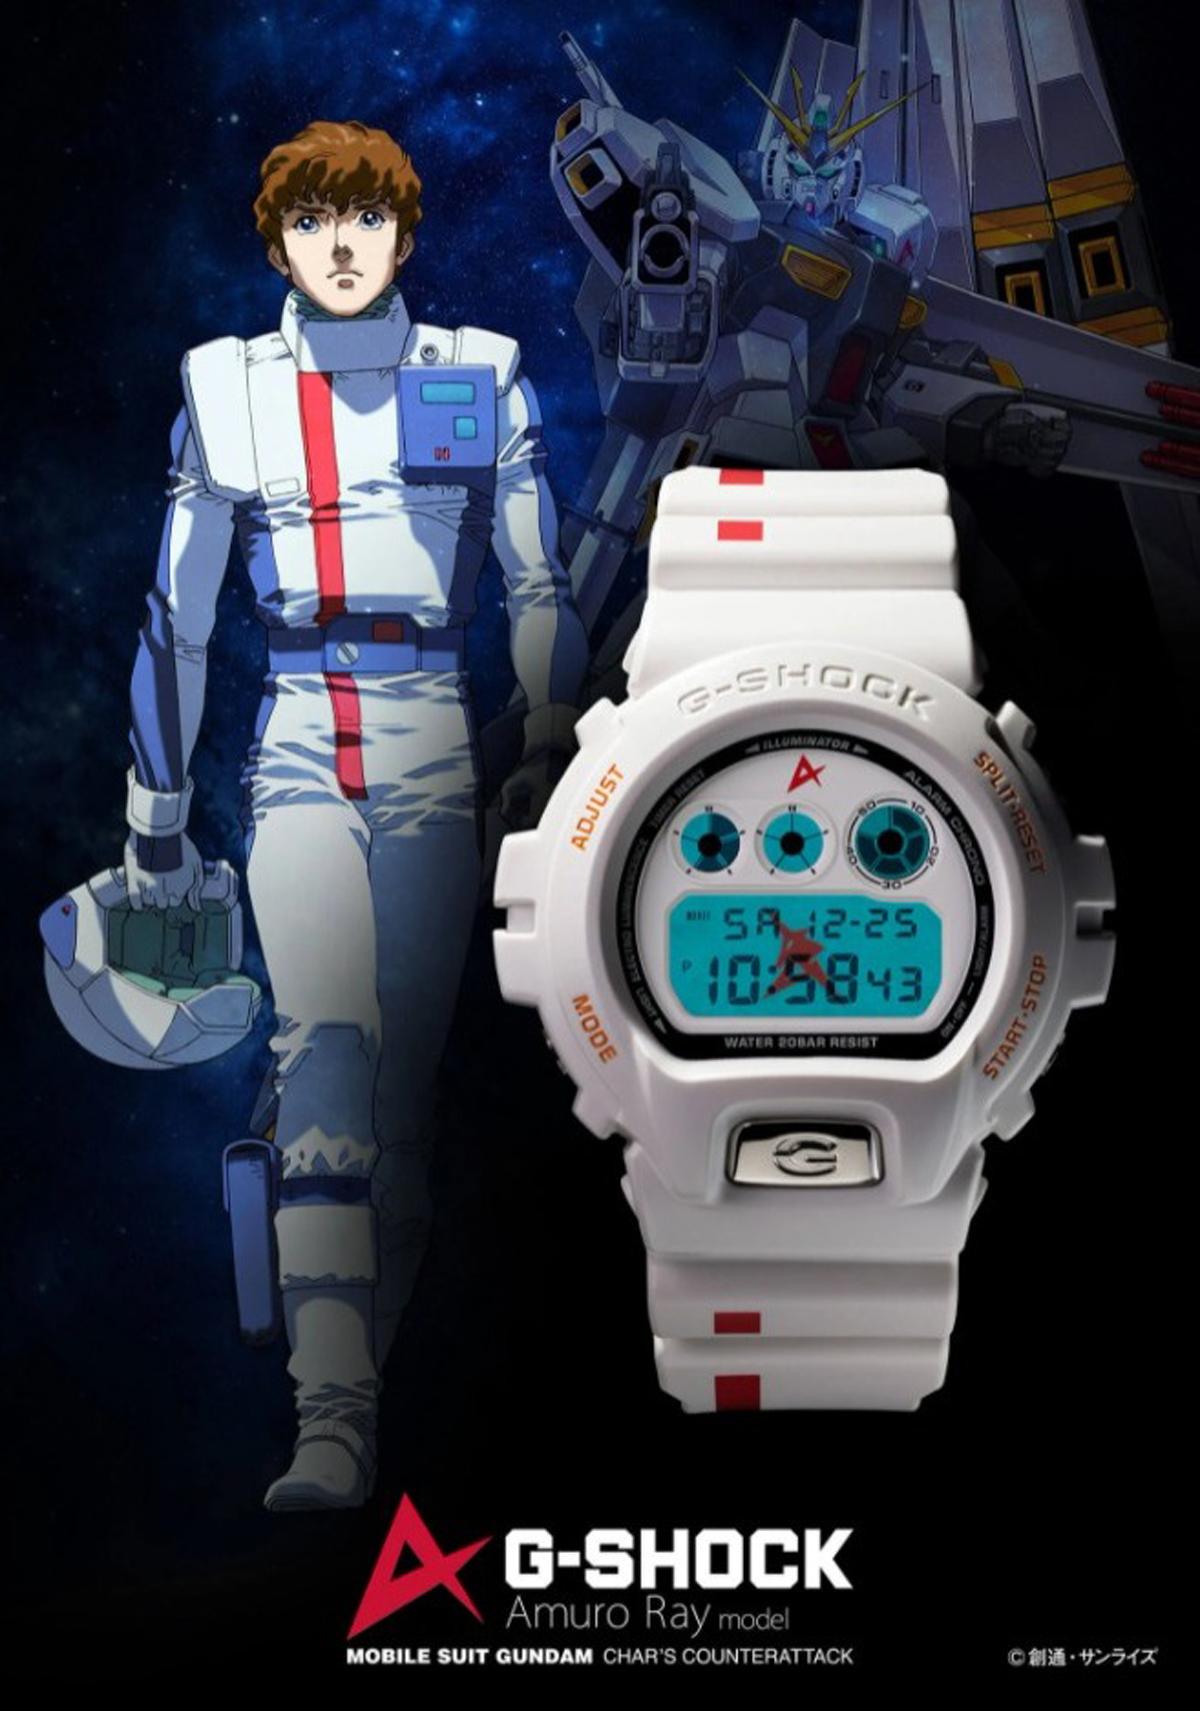 GUNDAM FAN CLUB G-SHOCK DW-6900 AMURO RAY limited edition watch japan casio